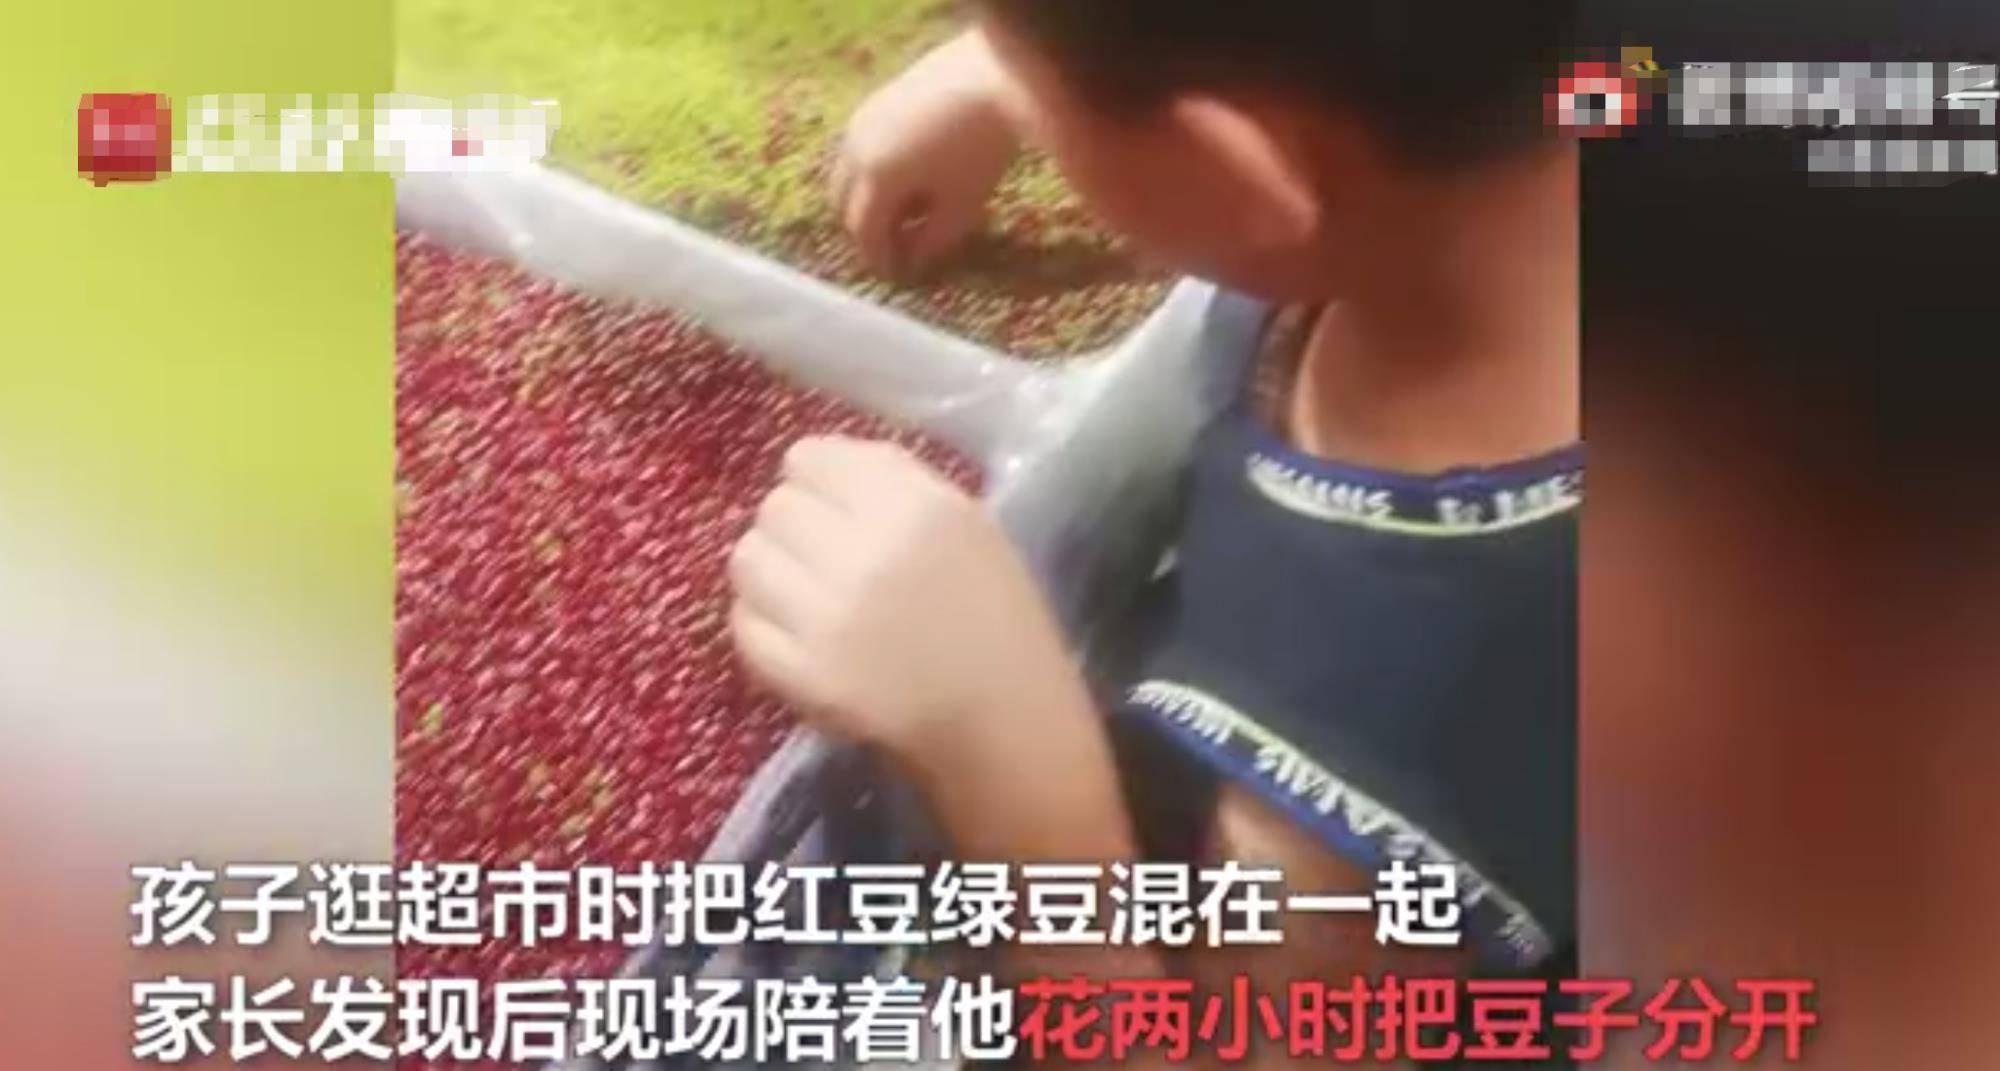 深圳一小男孩弄混超市红绿豆,家长陪挑2小时:给他个教训